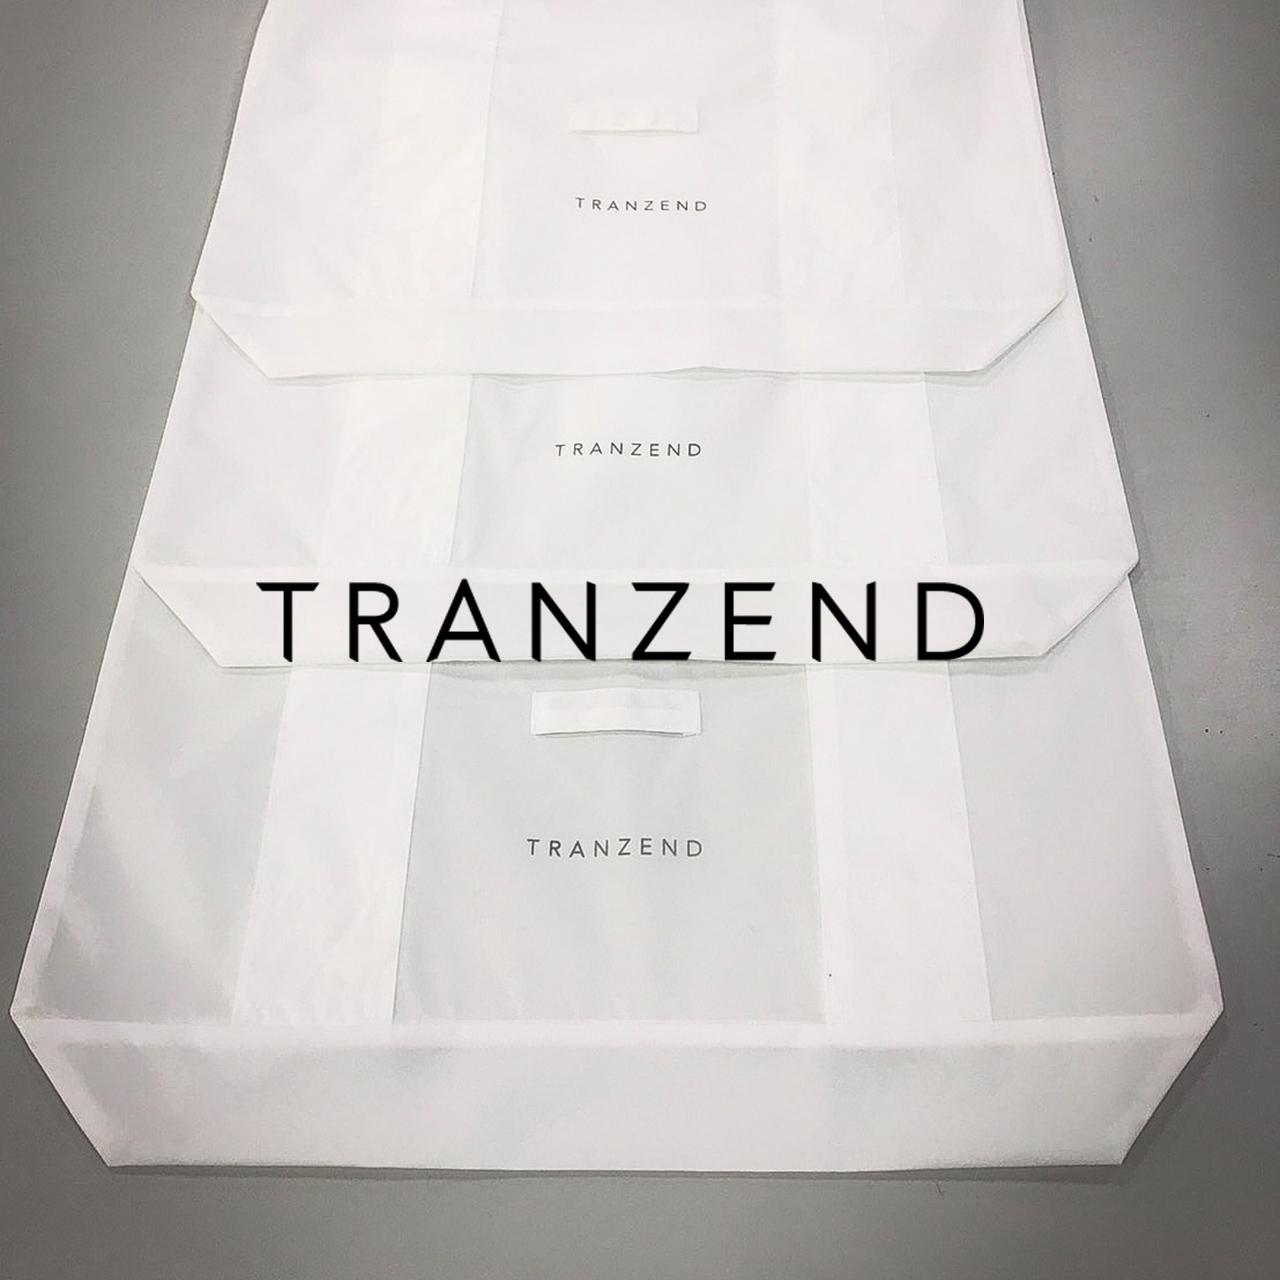 TRANZEND,生活選物,配件,包款品牌,台灣品牌,台灣包款品牌,配件品牌,包款品牌